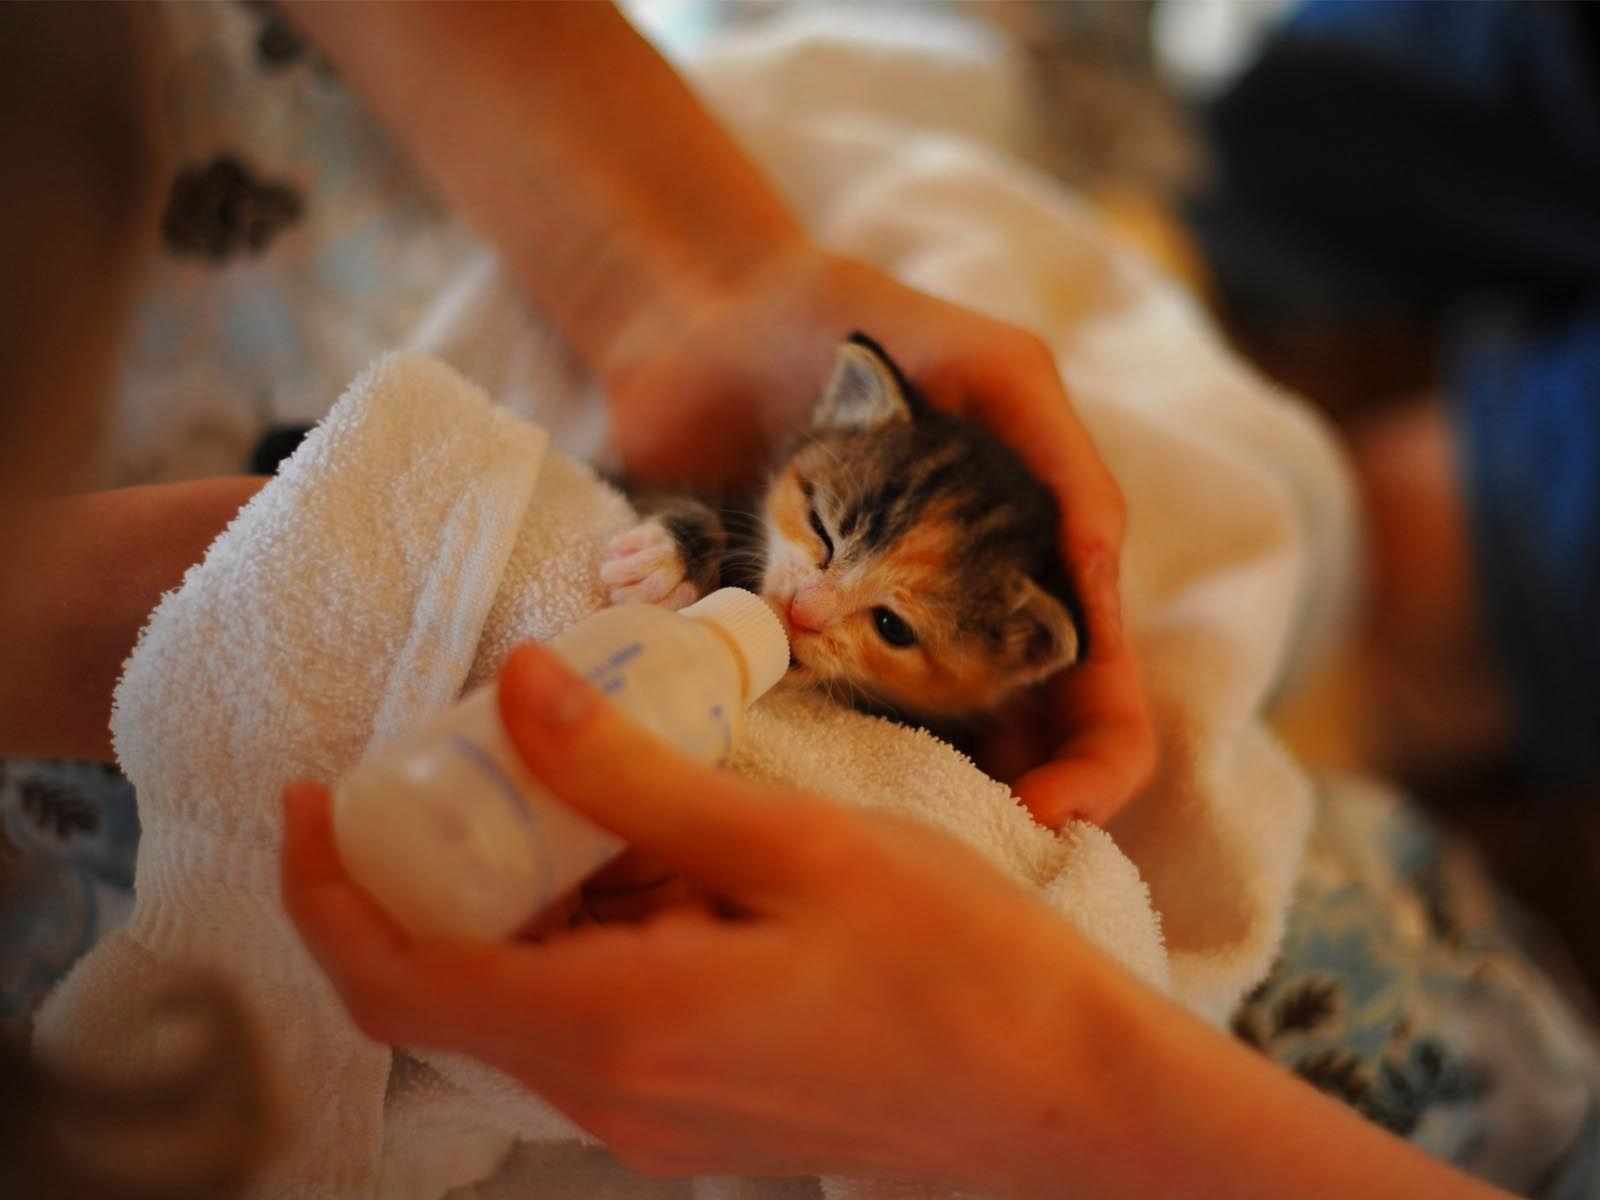 Kitten Milk Replacer Guidance For Newborn Kitten Pet Care For Home Newborn Kittens Kitten Health Baby Kittens